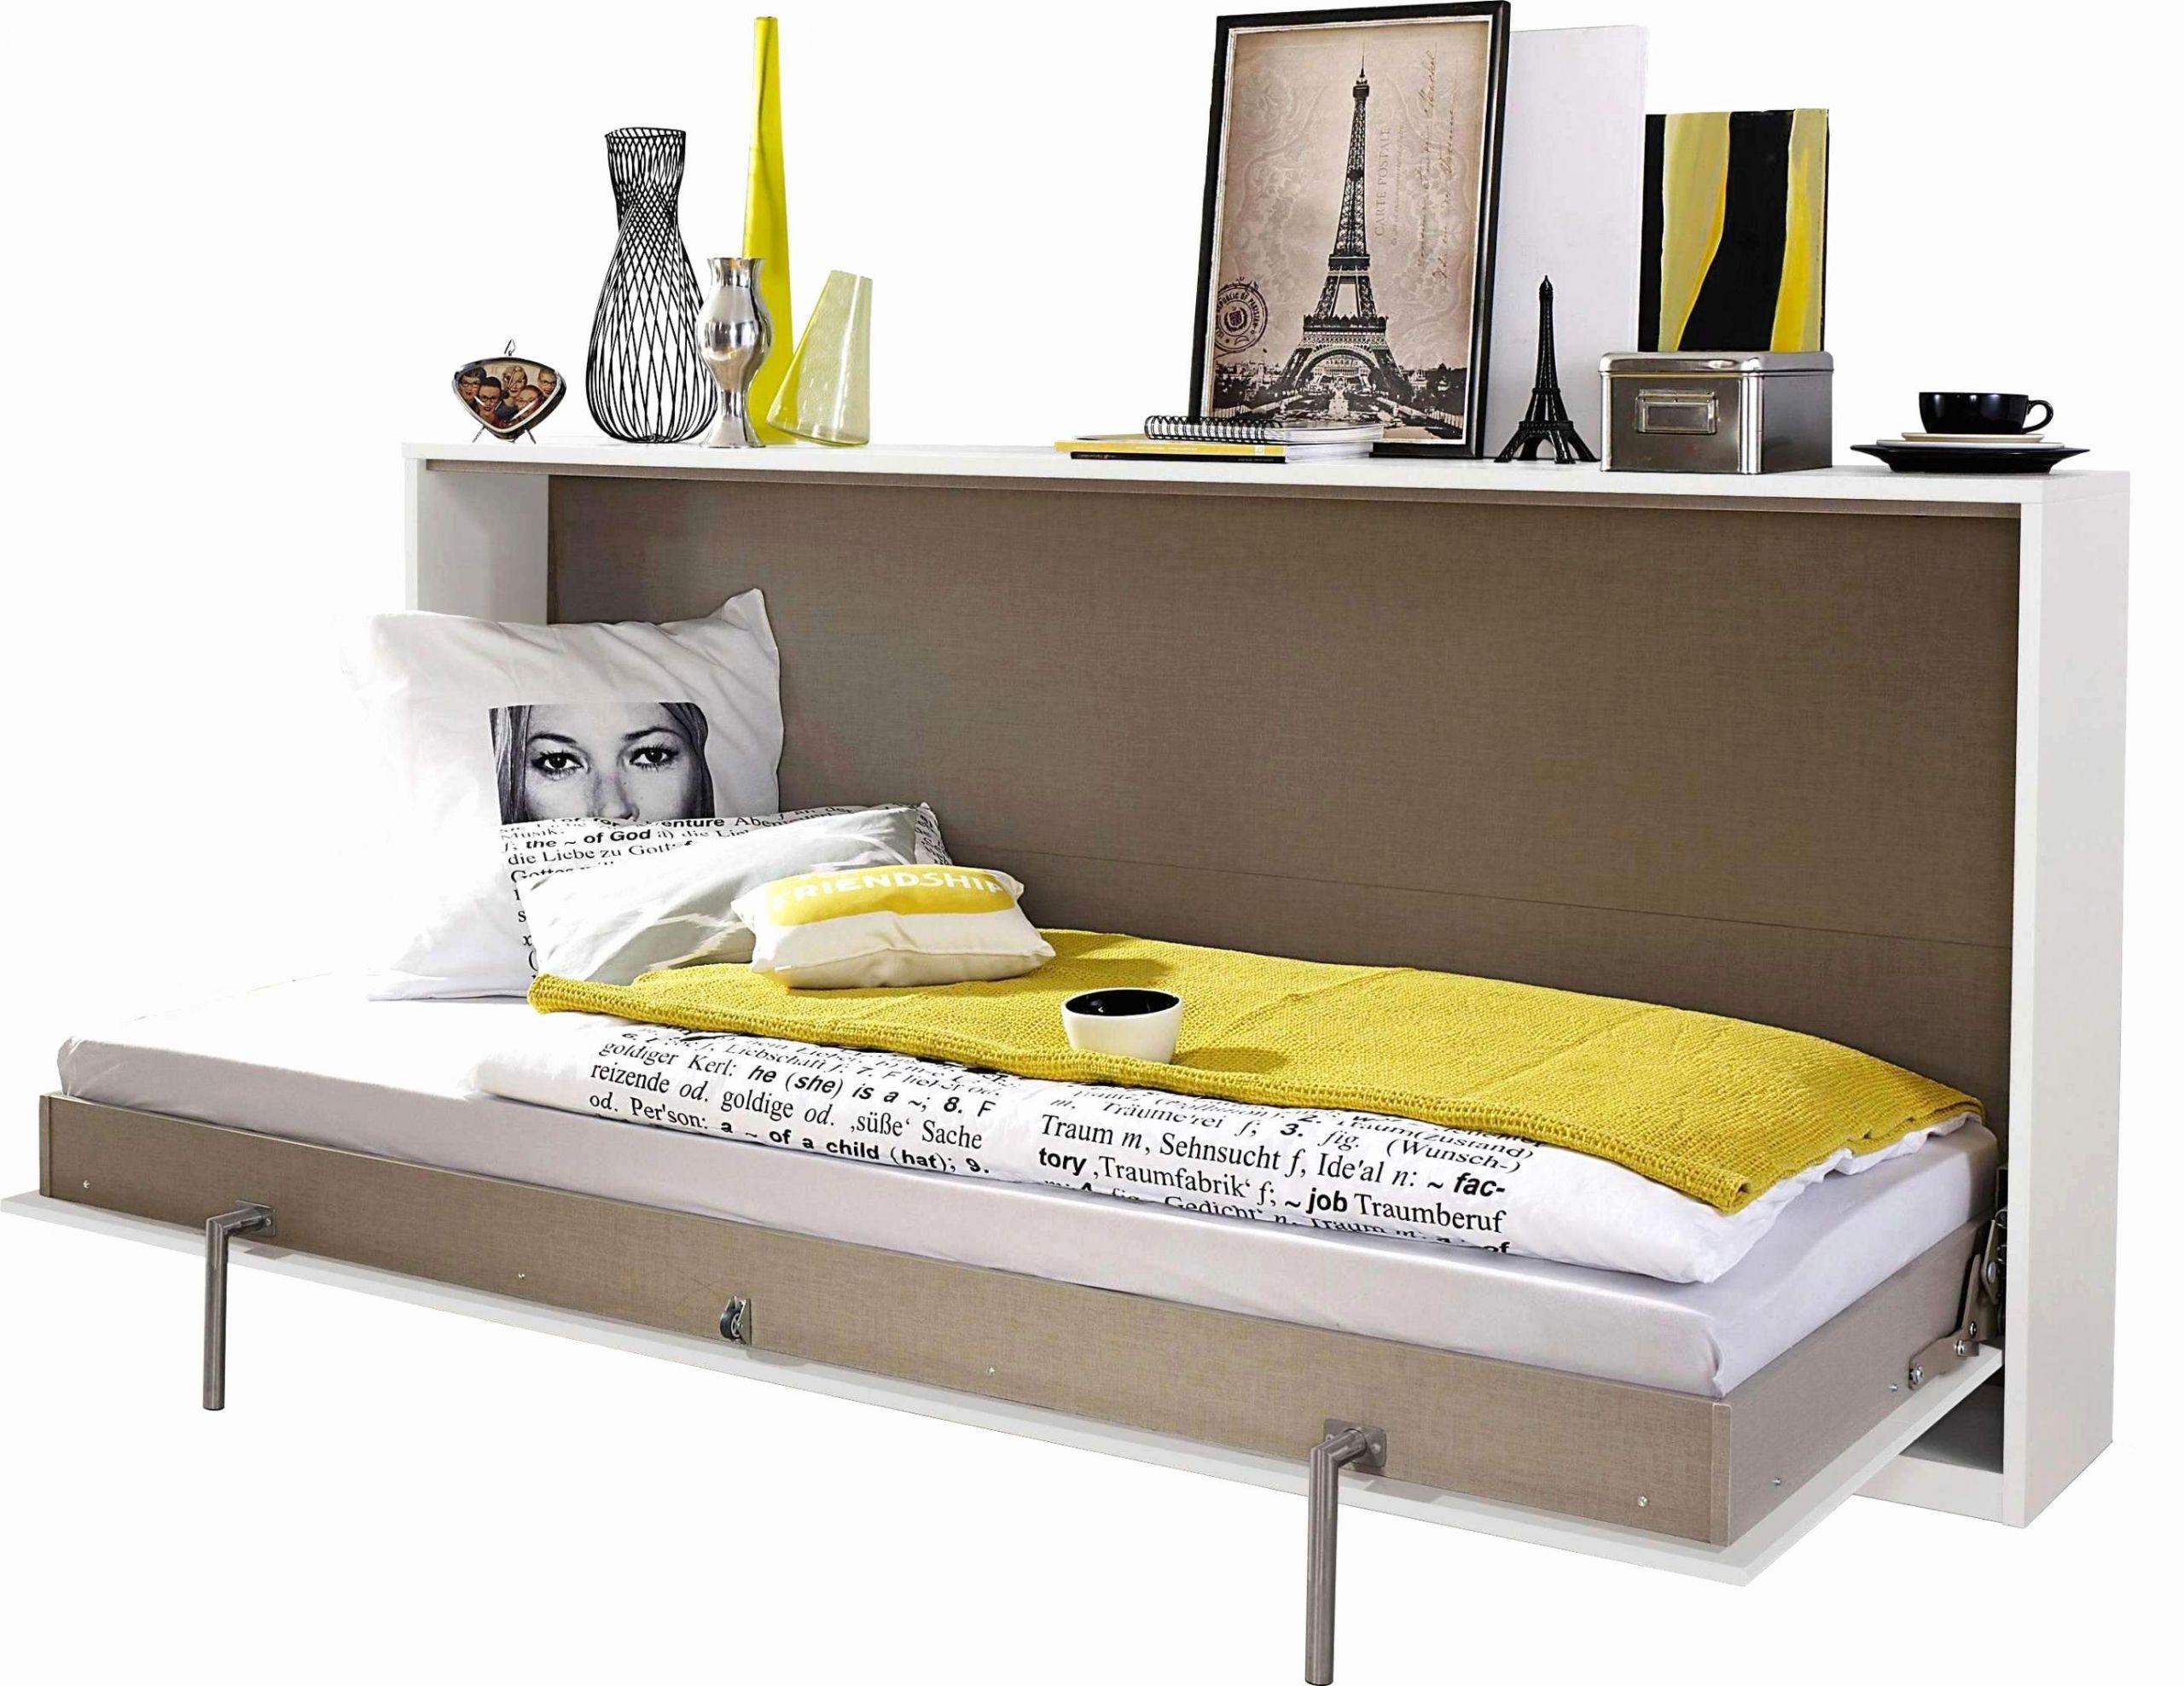 schlafzimmer komplett 140x200 genial luxus schlafzimmer komplett einzigartig gros luxus schlafzimmer of schlafzimmer komplett 140x200